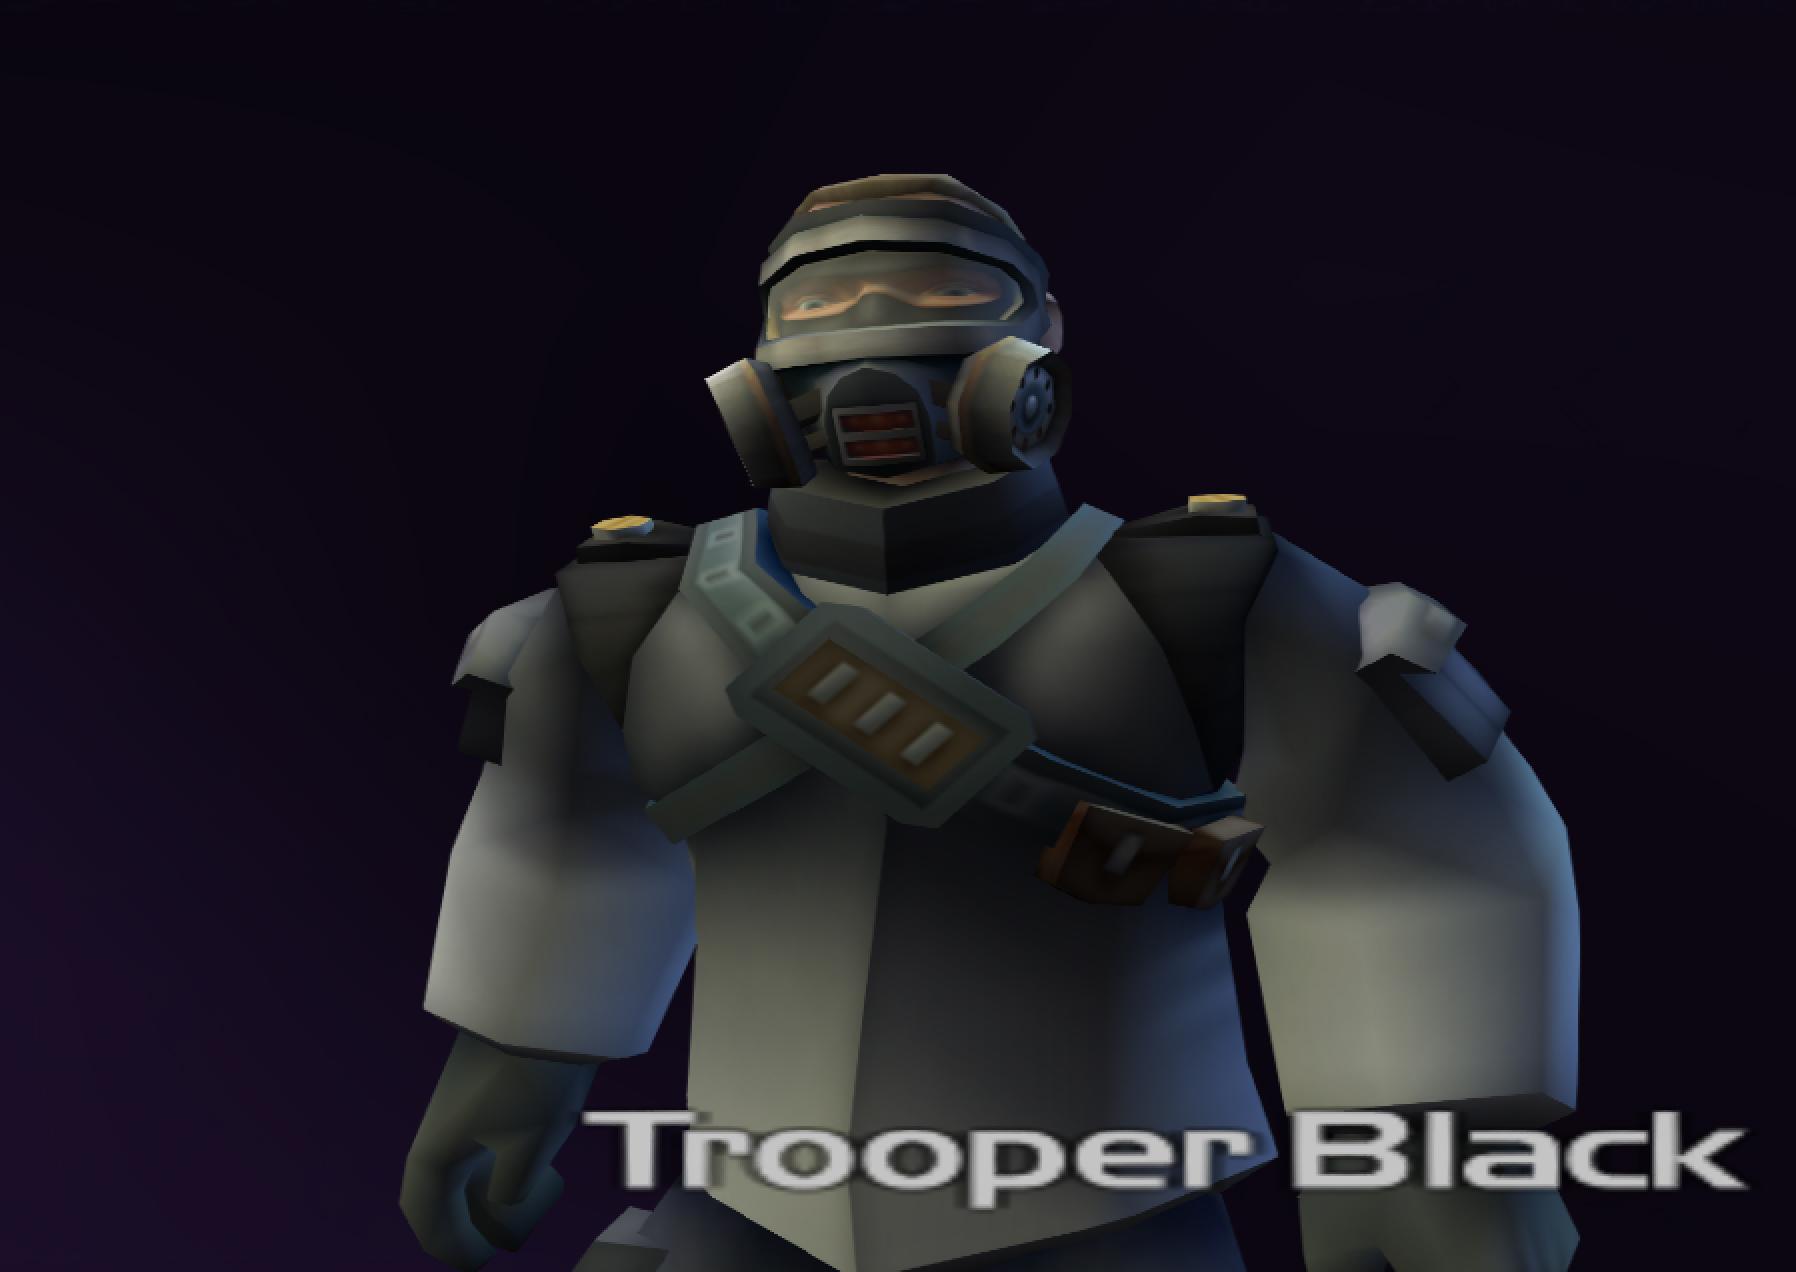 Trooper Black